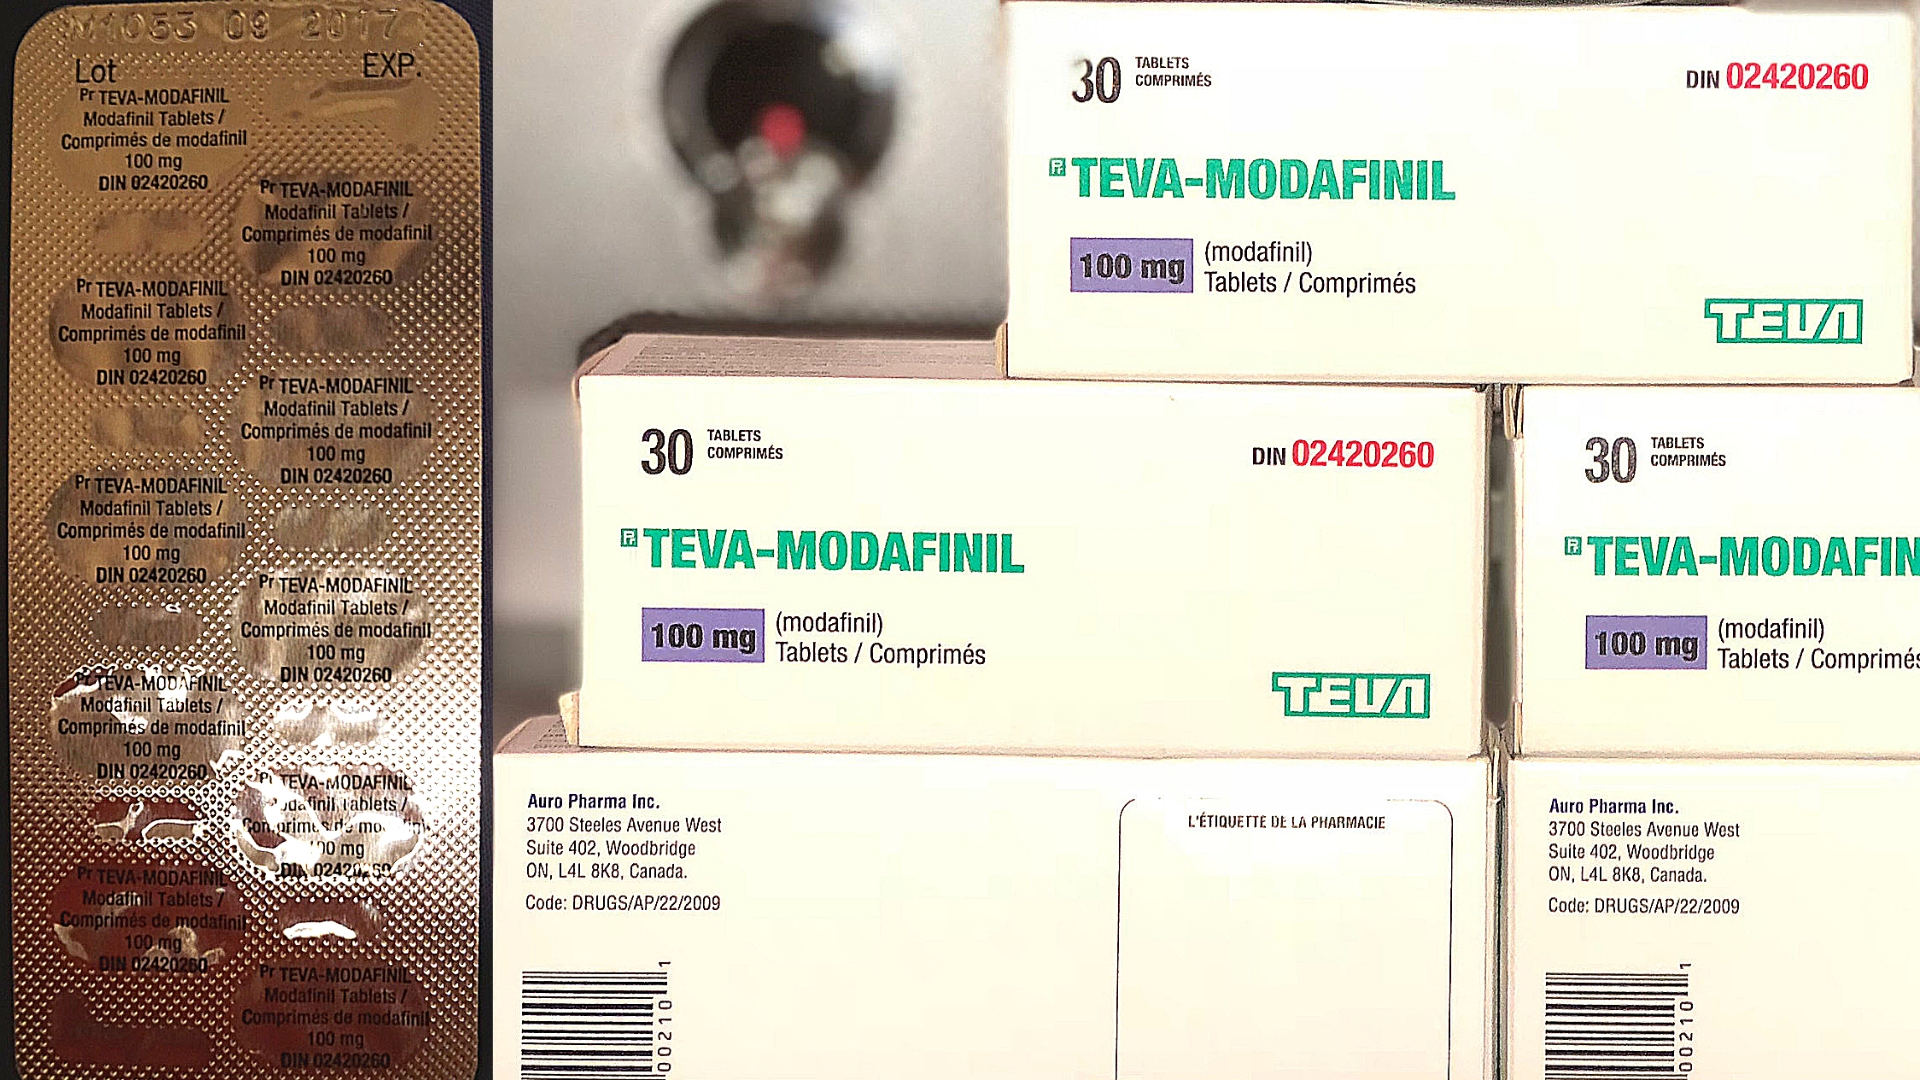 Blister Pack Of Modafinil and 5 Boxes Of Unopened Pharma Grade Modafinil